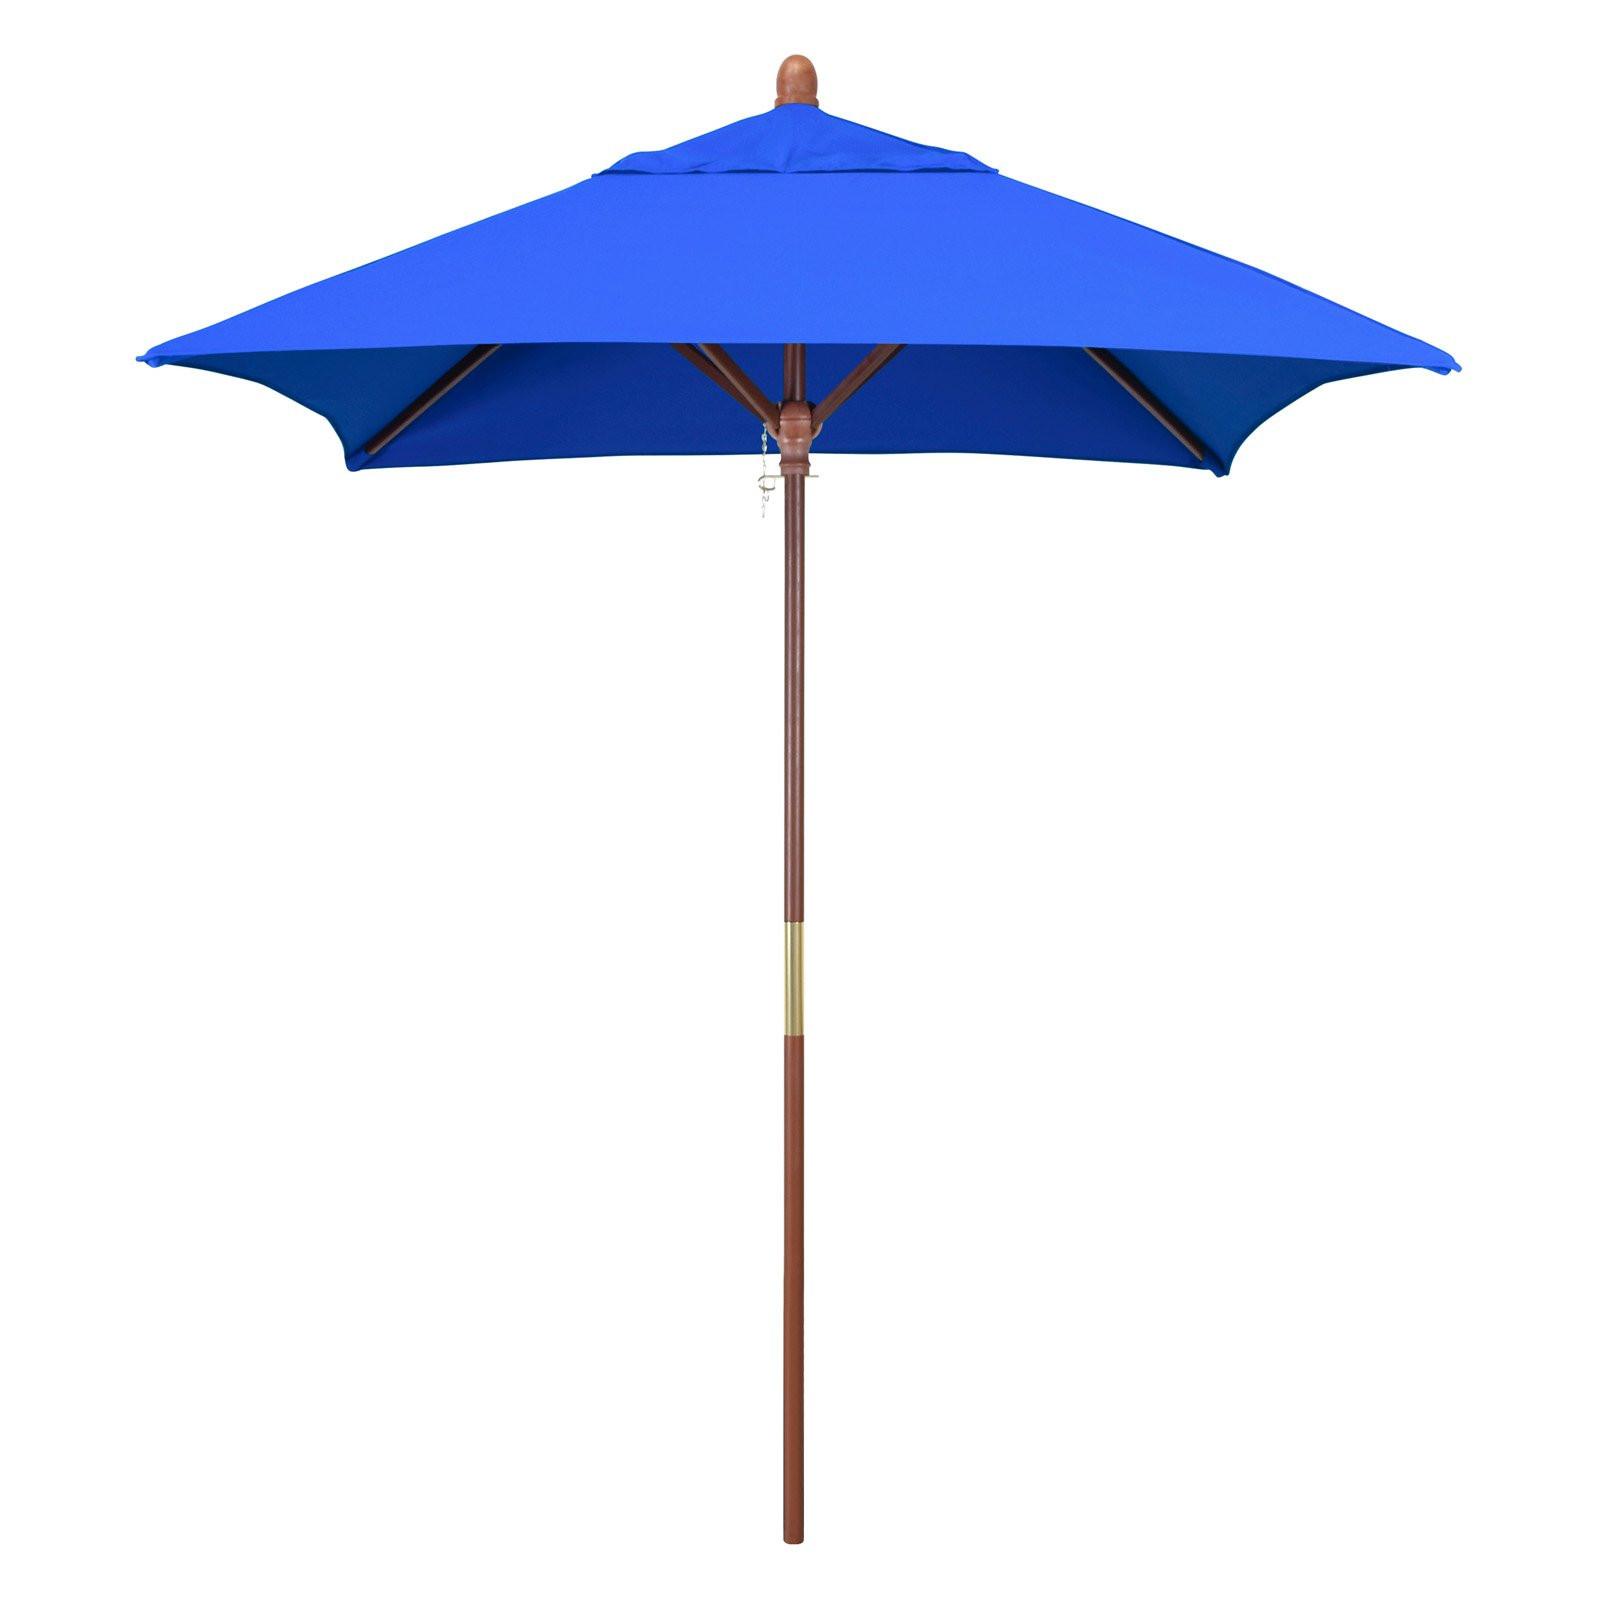 Best ideas about Sunbrella Patio Umbrellas . Save or Pin California Umbrella 6 ft Square Marenti Wood Sunbrella Now.